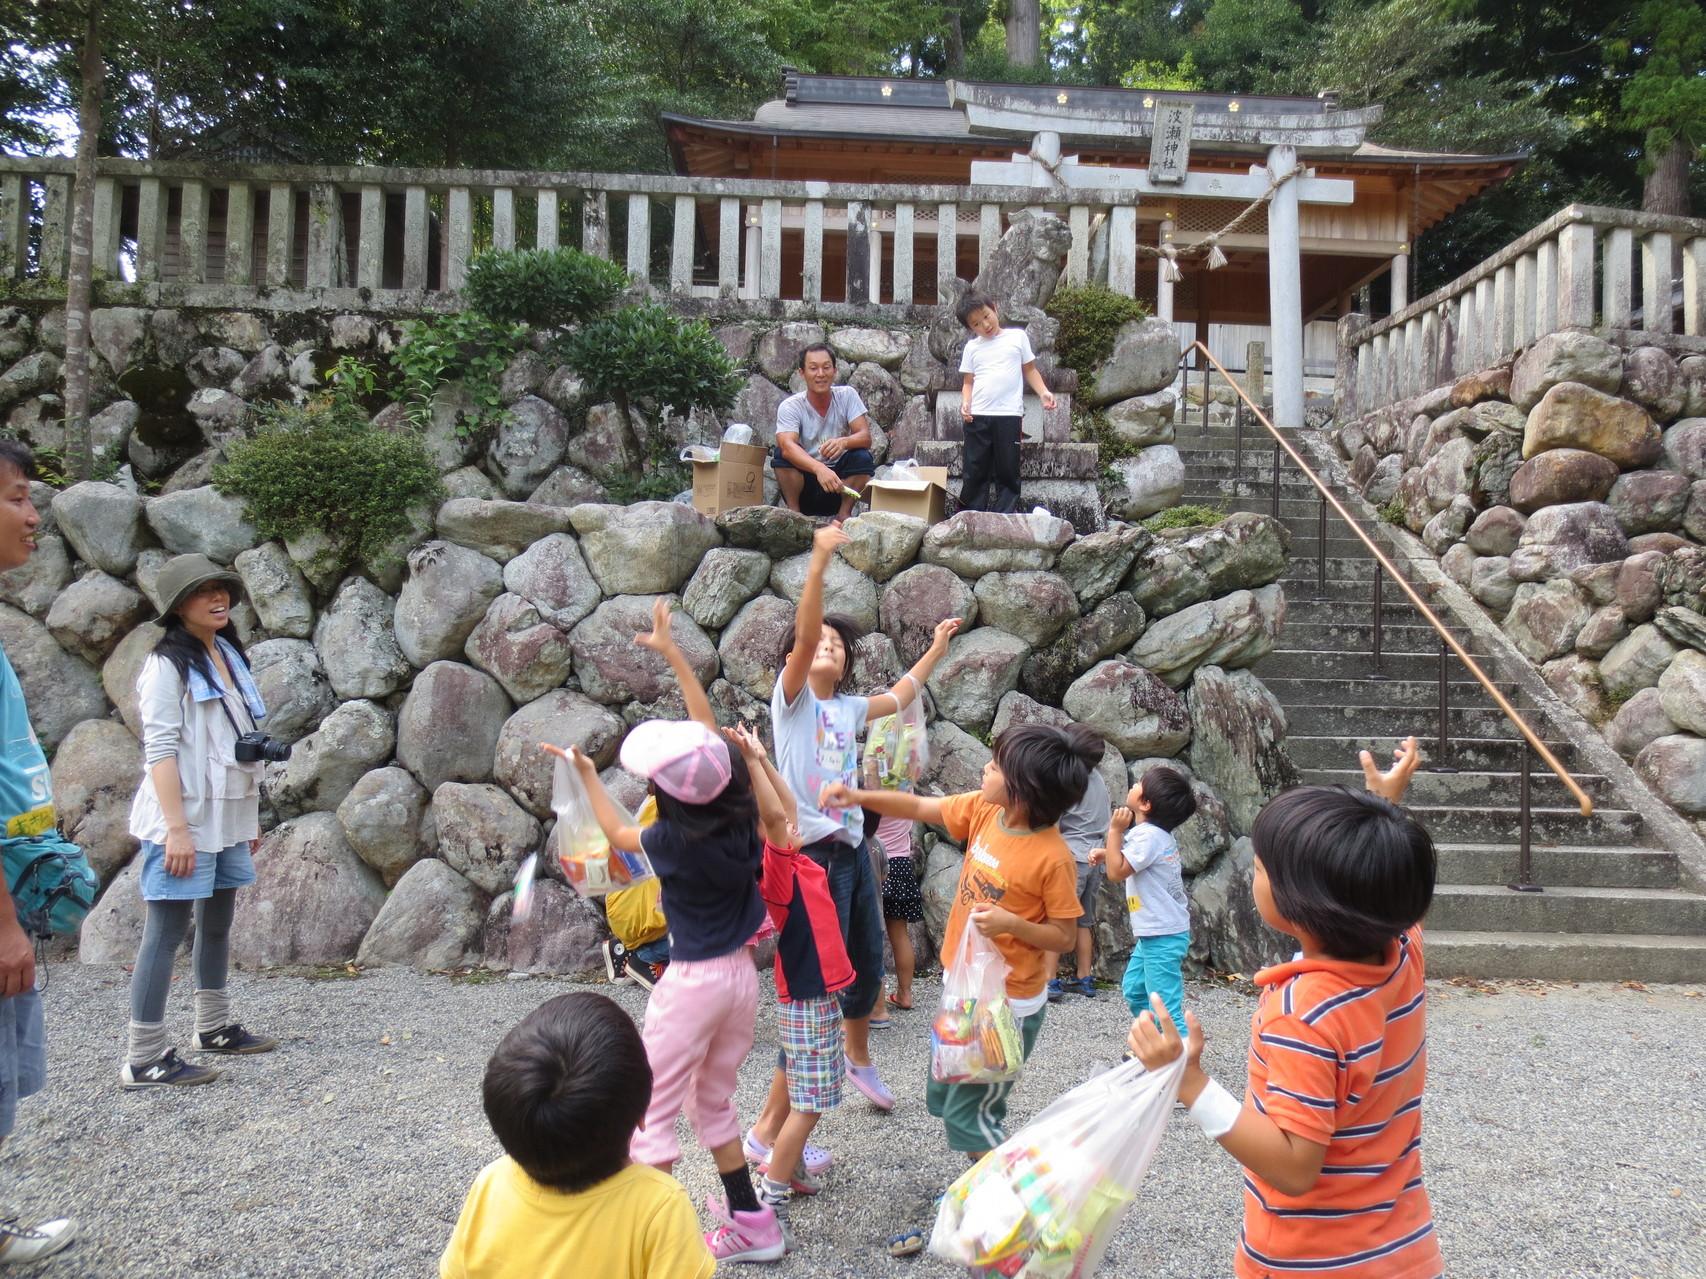 フィナーレは波瀬神社での菓子まきで大盛り上がり!!!